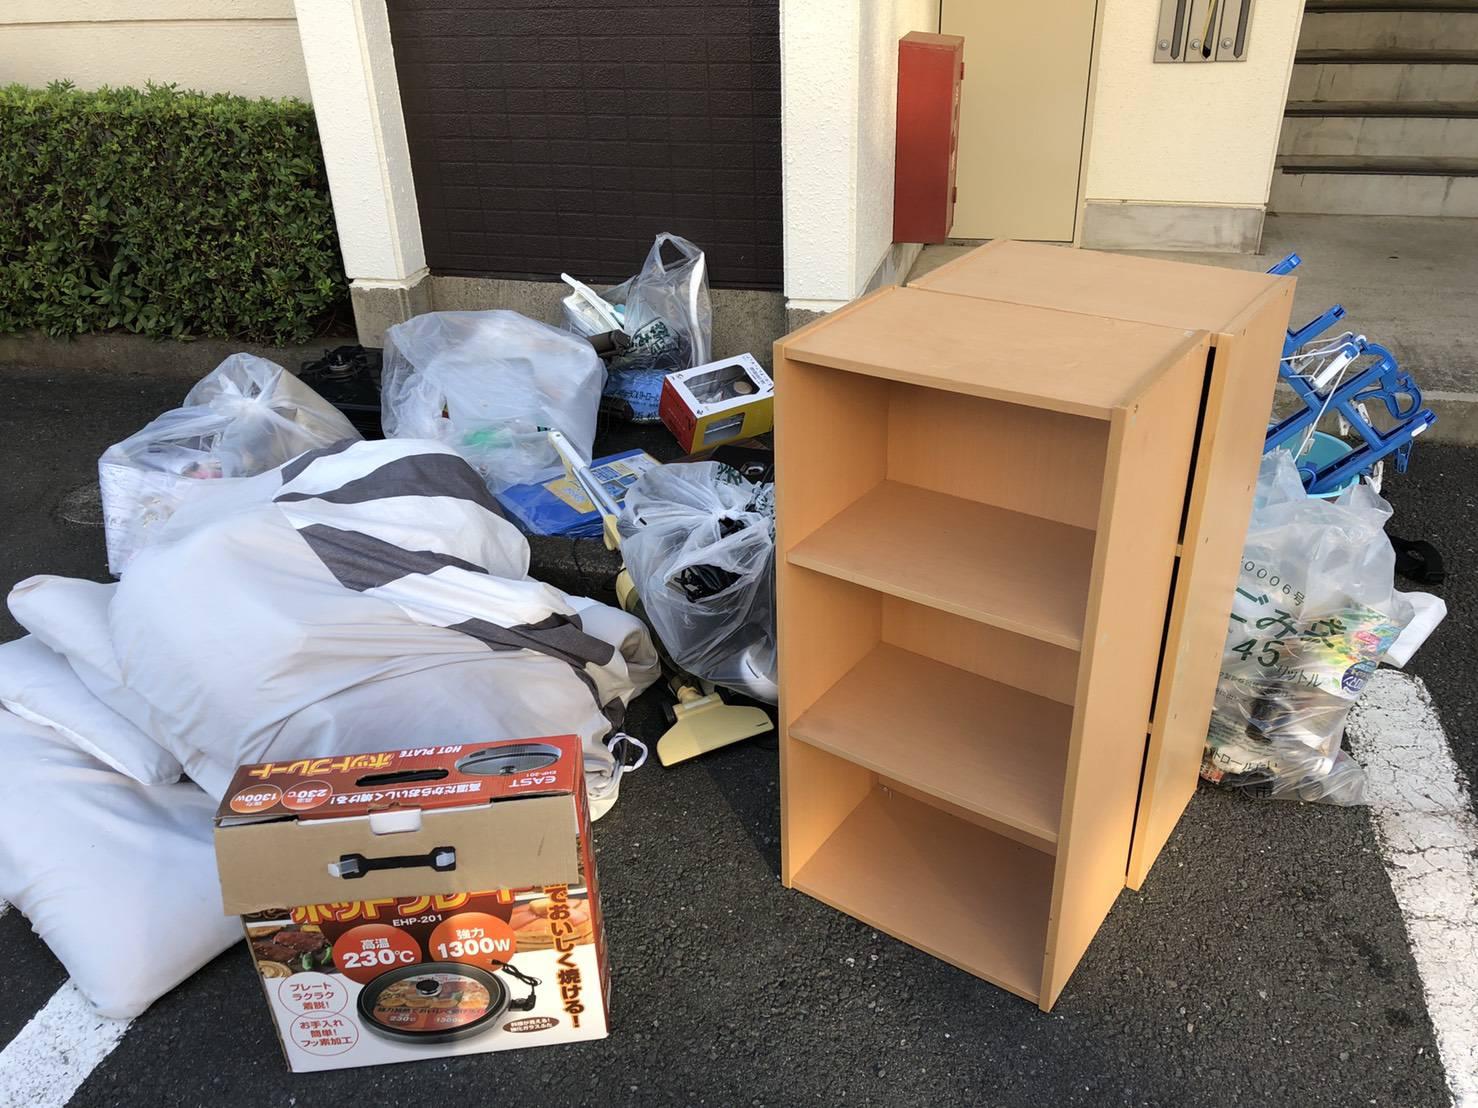 本棚、洗濯ハンガー、調理器具などの回収前